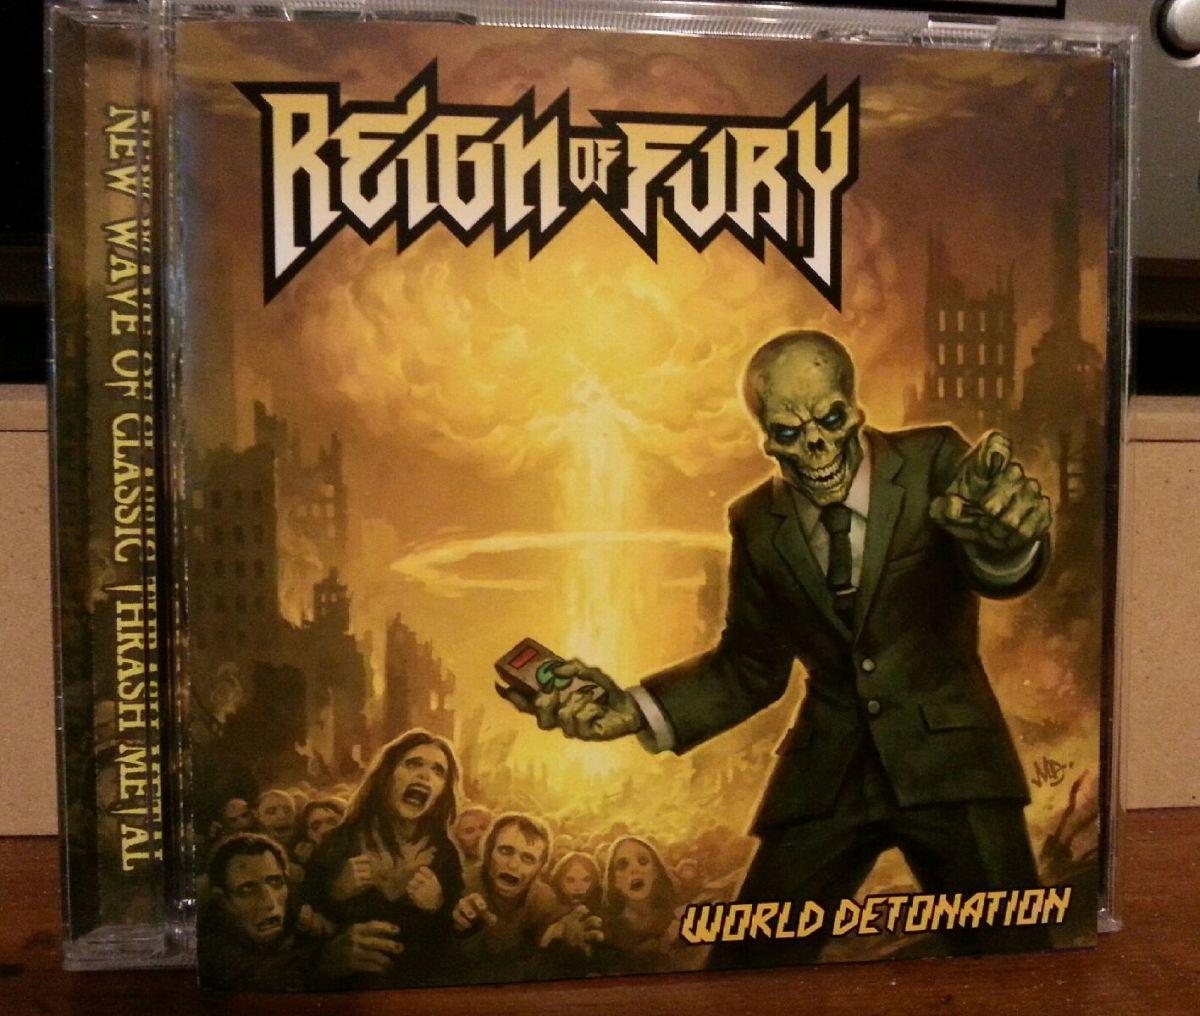 Reign of Fury - World Detonation (2012)